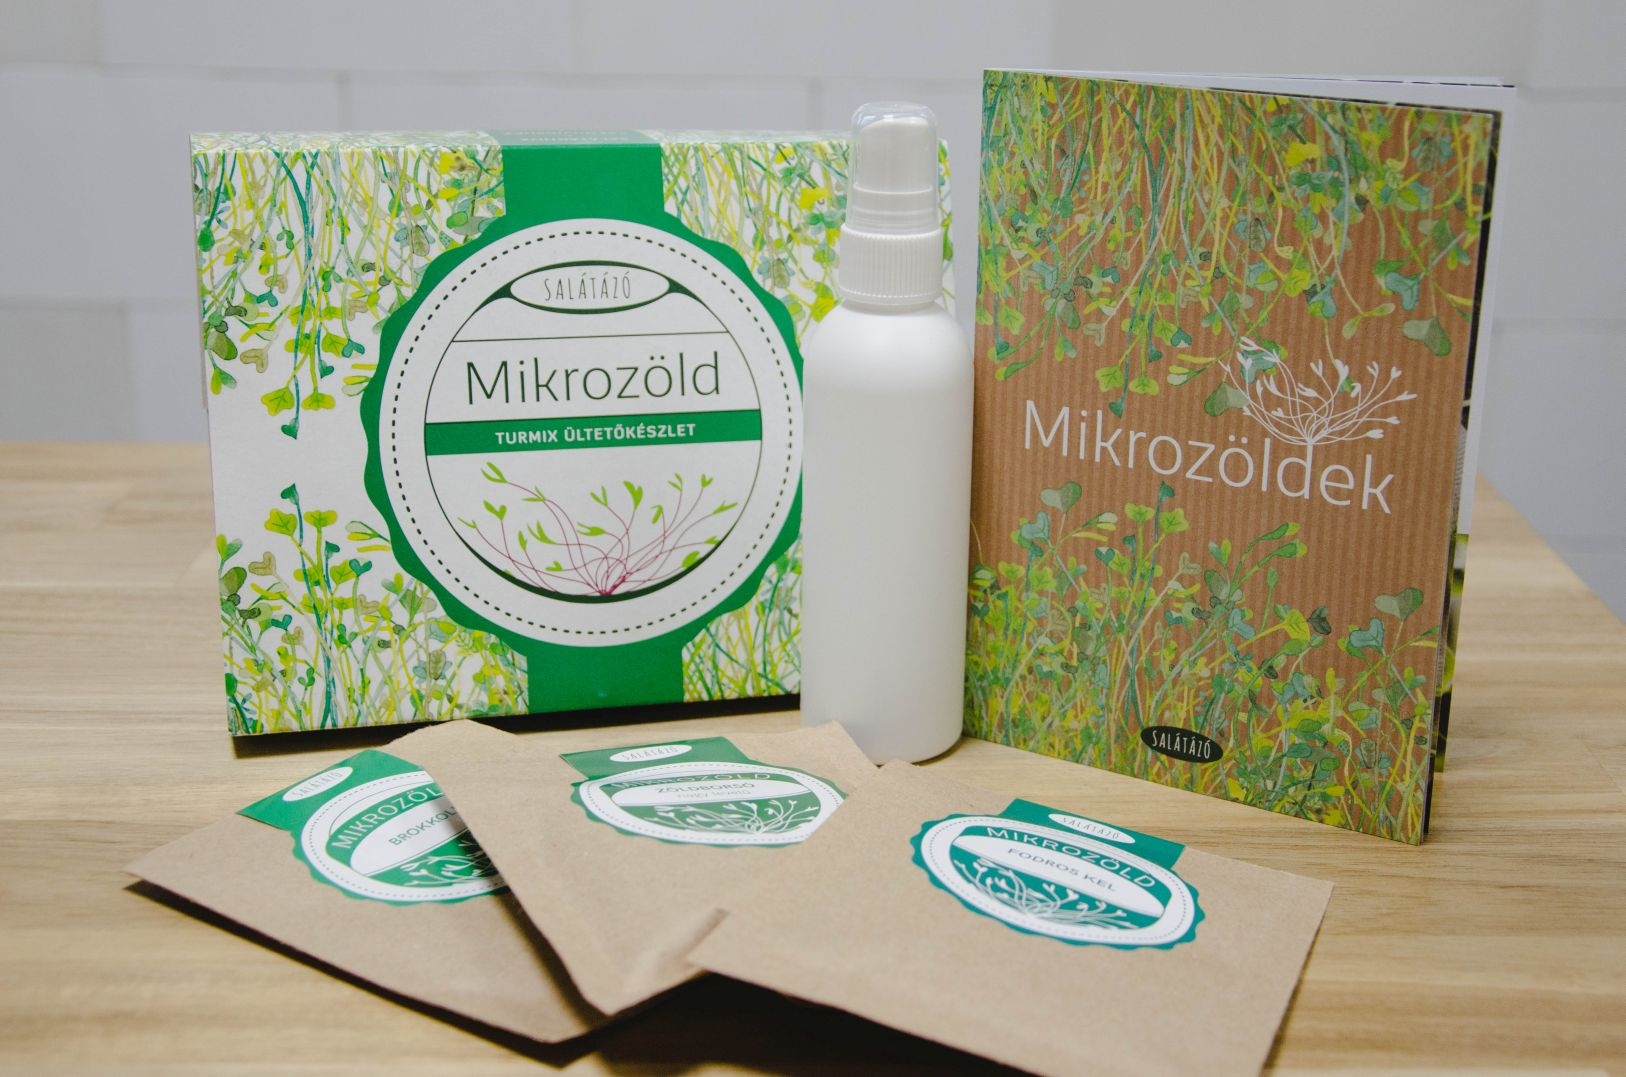 mikrozöld salatazo.hu webáruház termékfotó